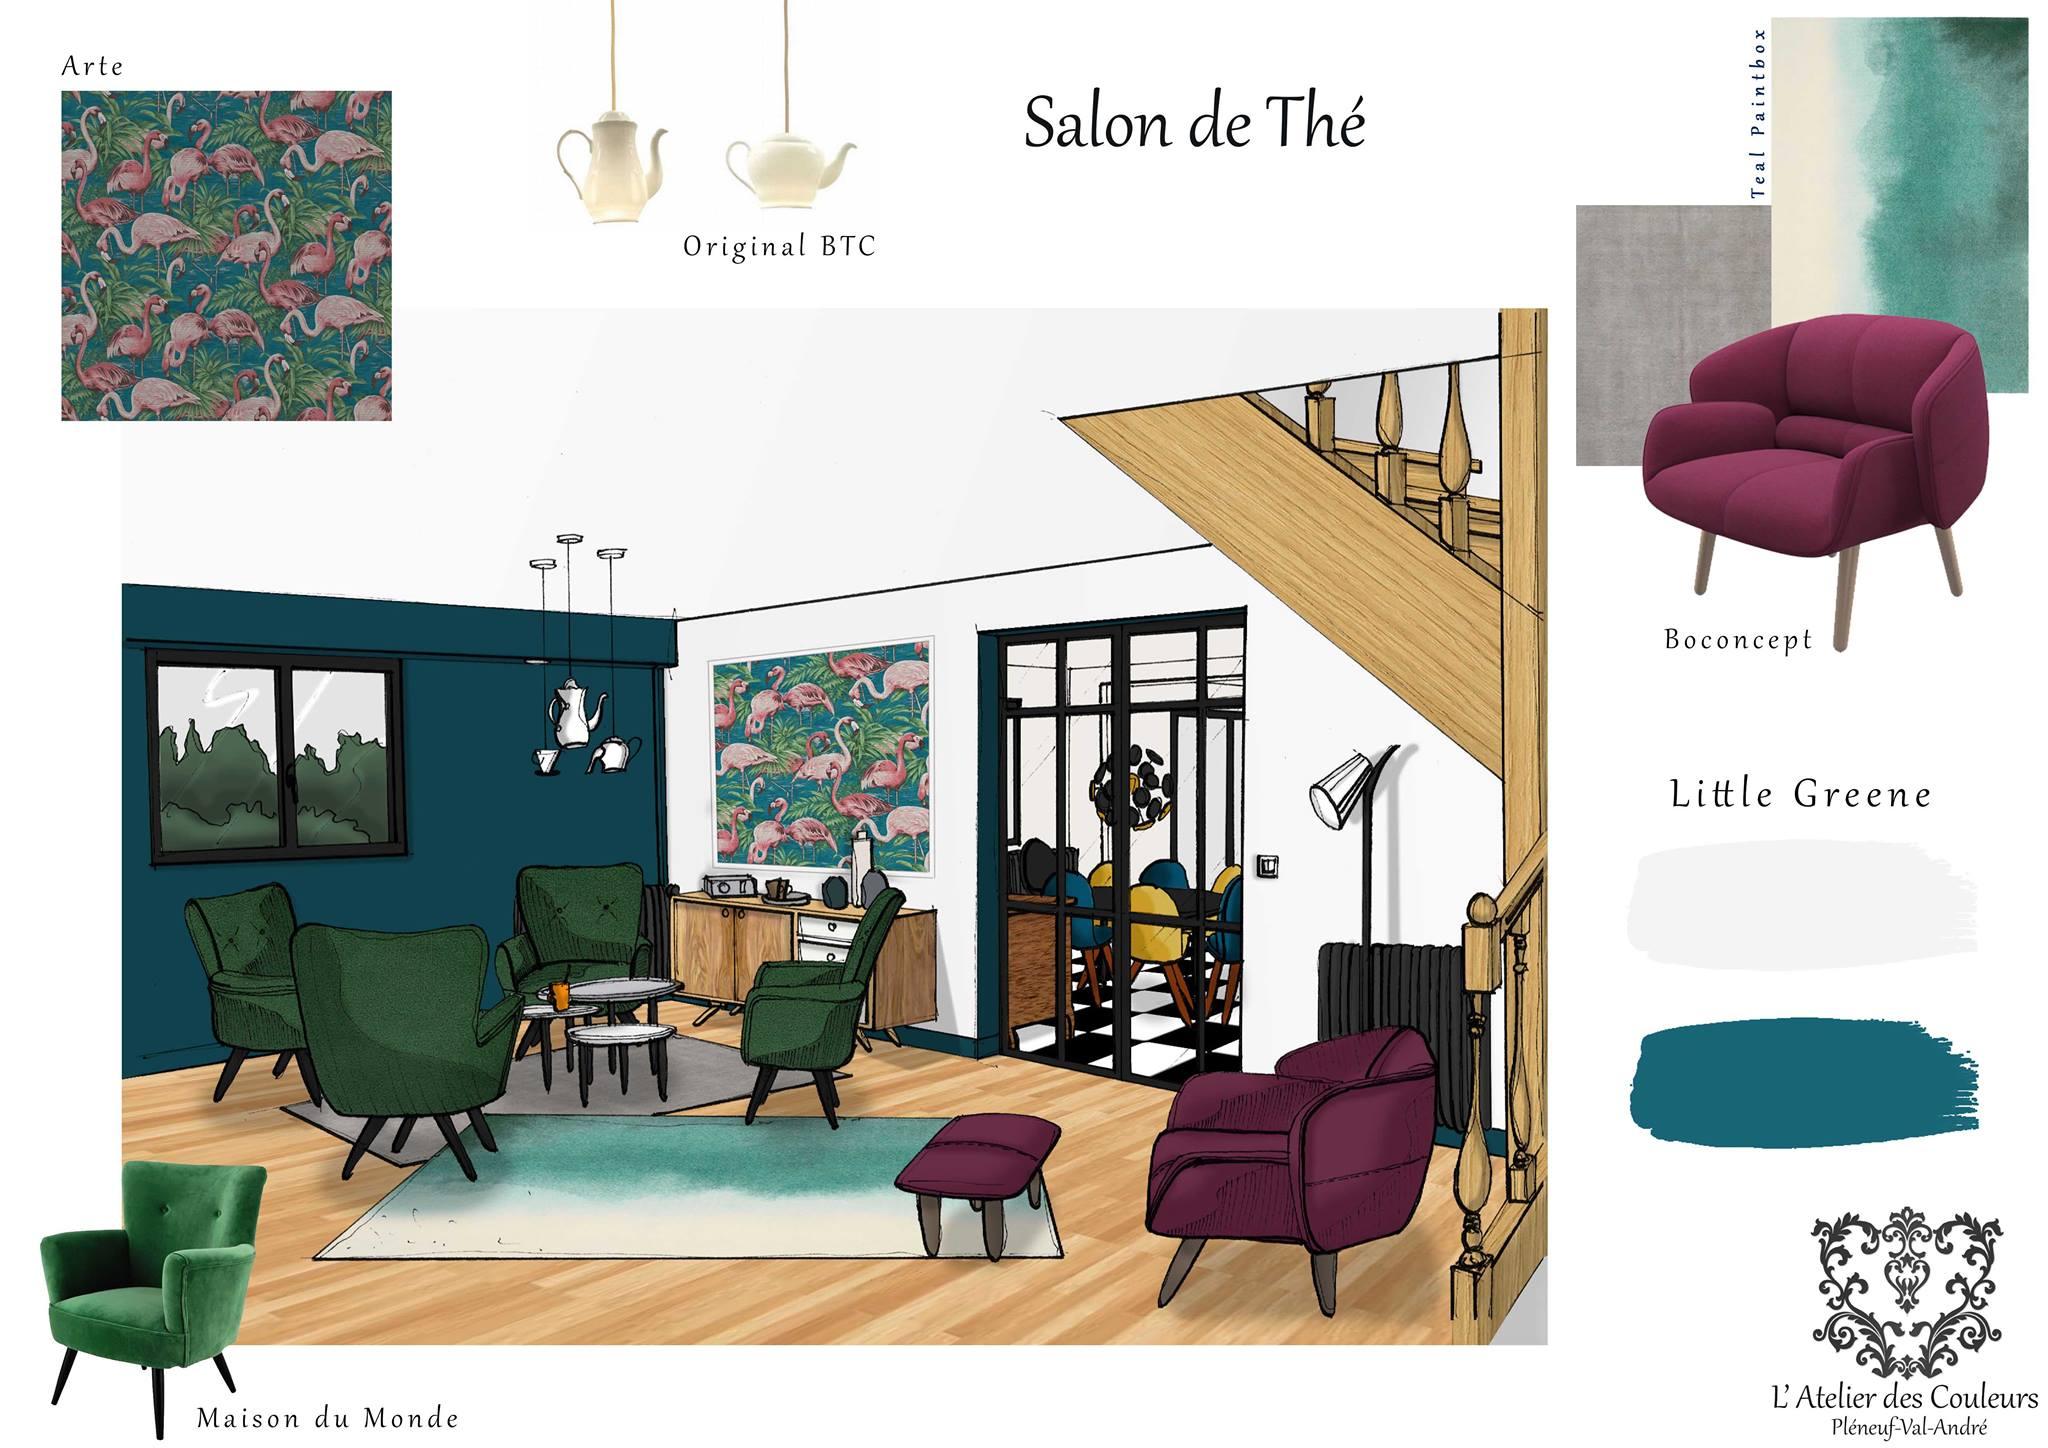 19022684_10213159862372376_1162988582_O - L'Atelier Des intérieur Atelier De Couleurs